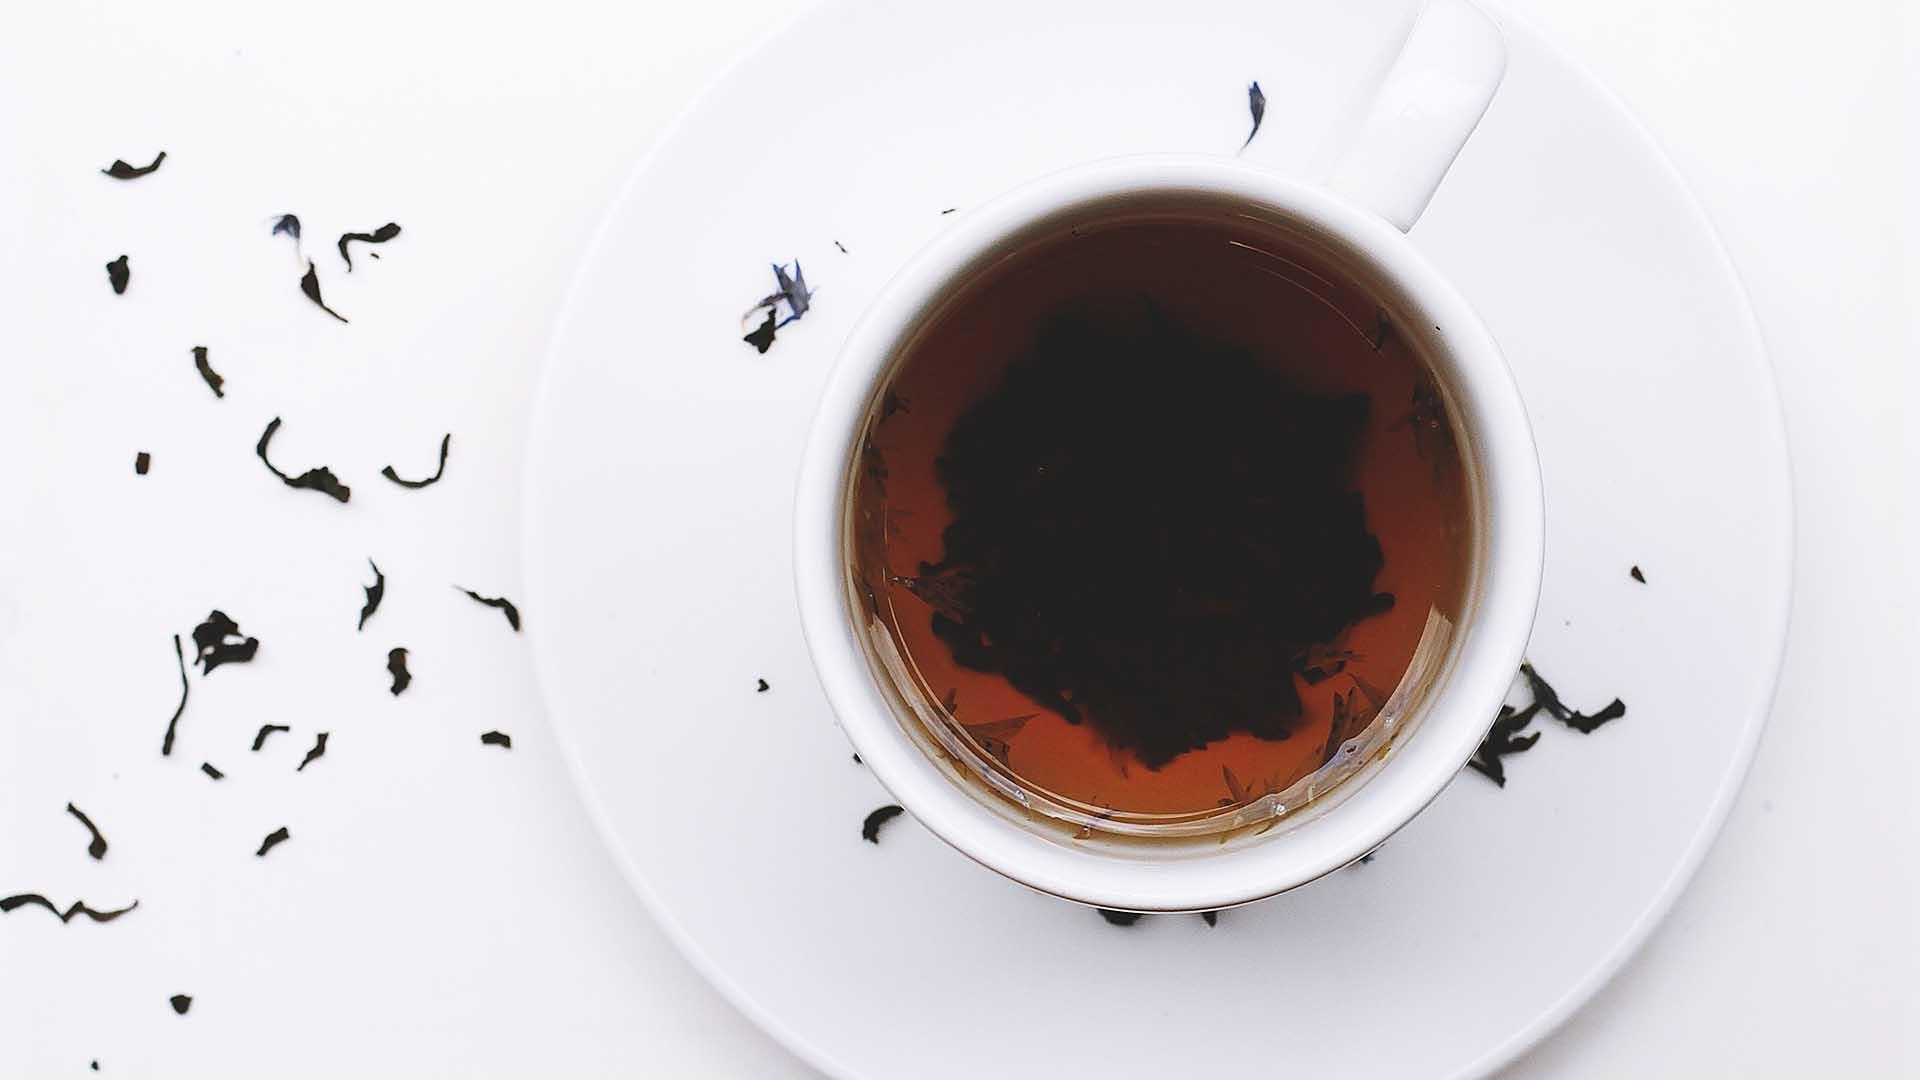 Le thé en vrac bio : types de thé et bienfaits